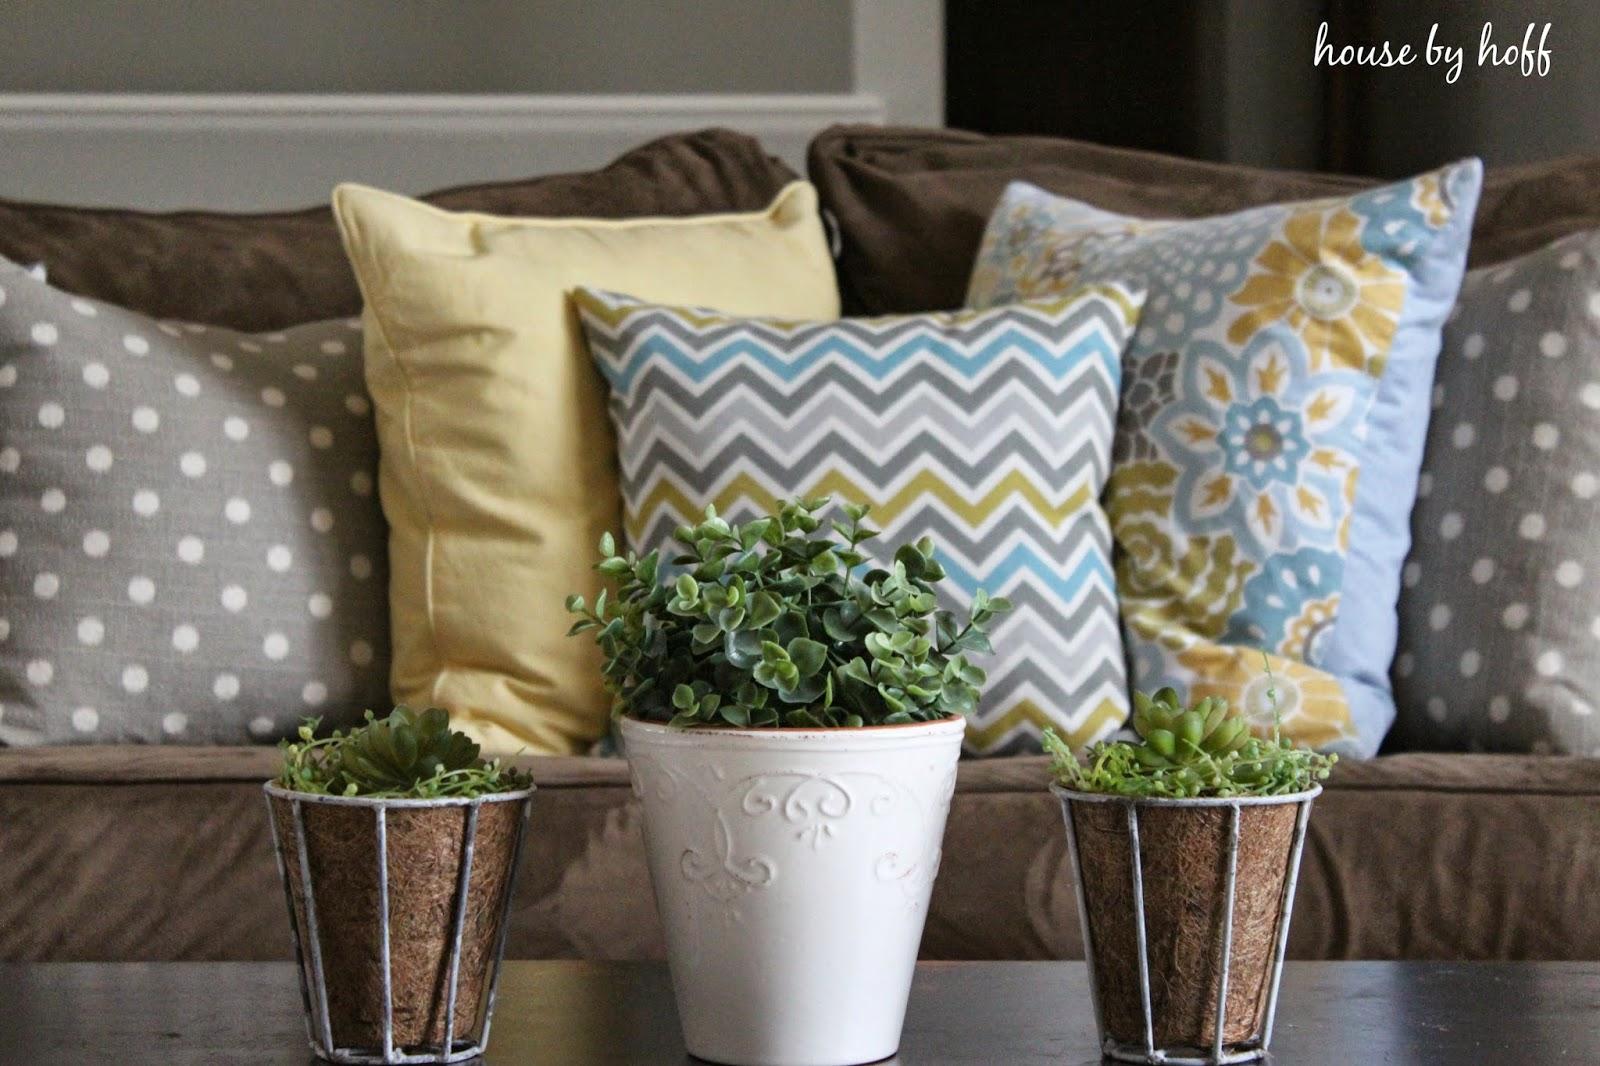 decorating for spring via housebyhoff.com